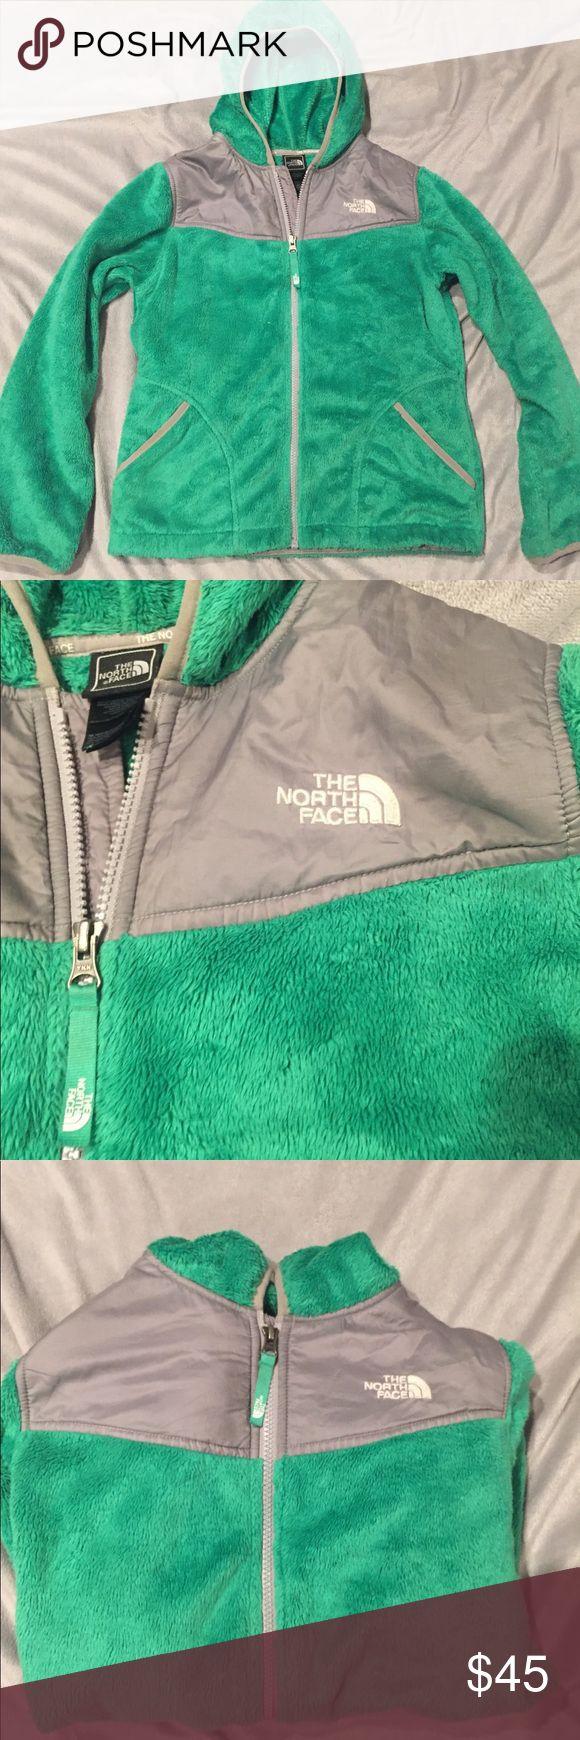 Kid's Northface Fleece Zip-up Jacket Green, zip up Jacket, size L 14/16, never worn North Face Jackets & Coats Pea Coats